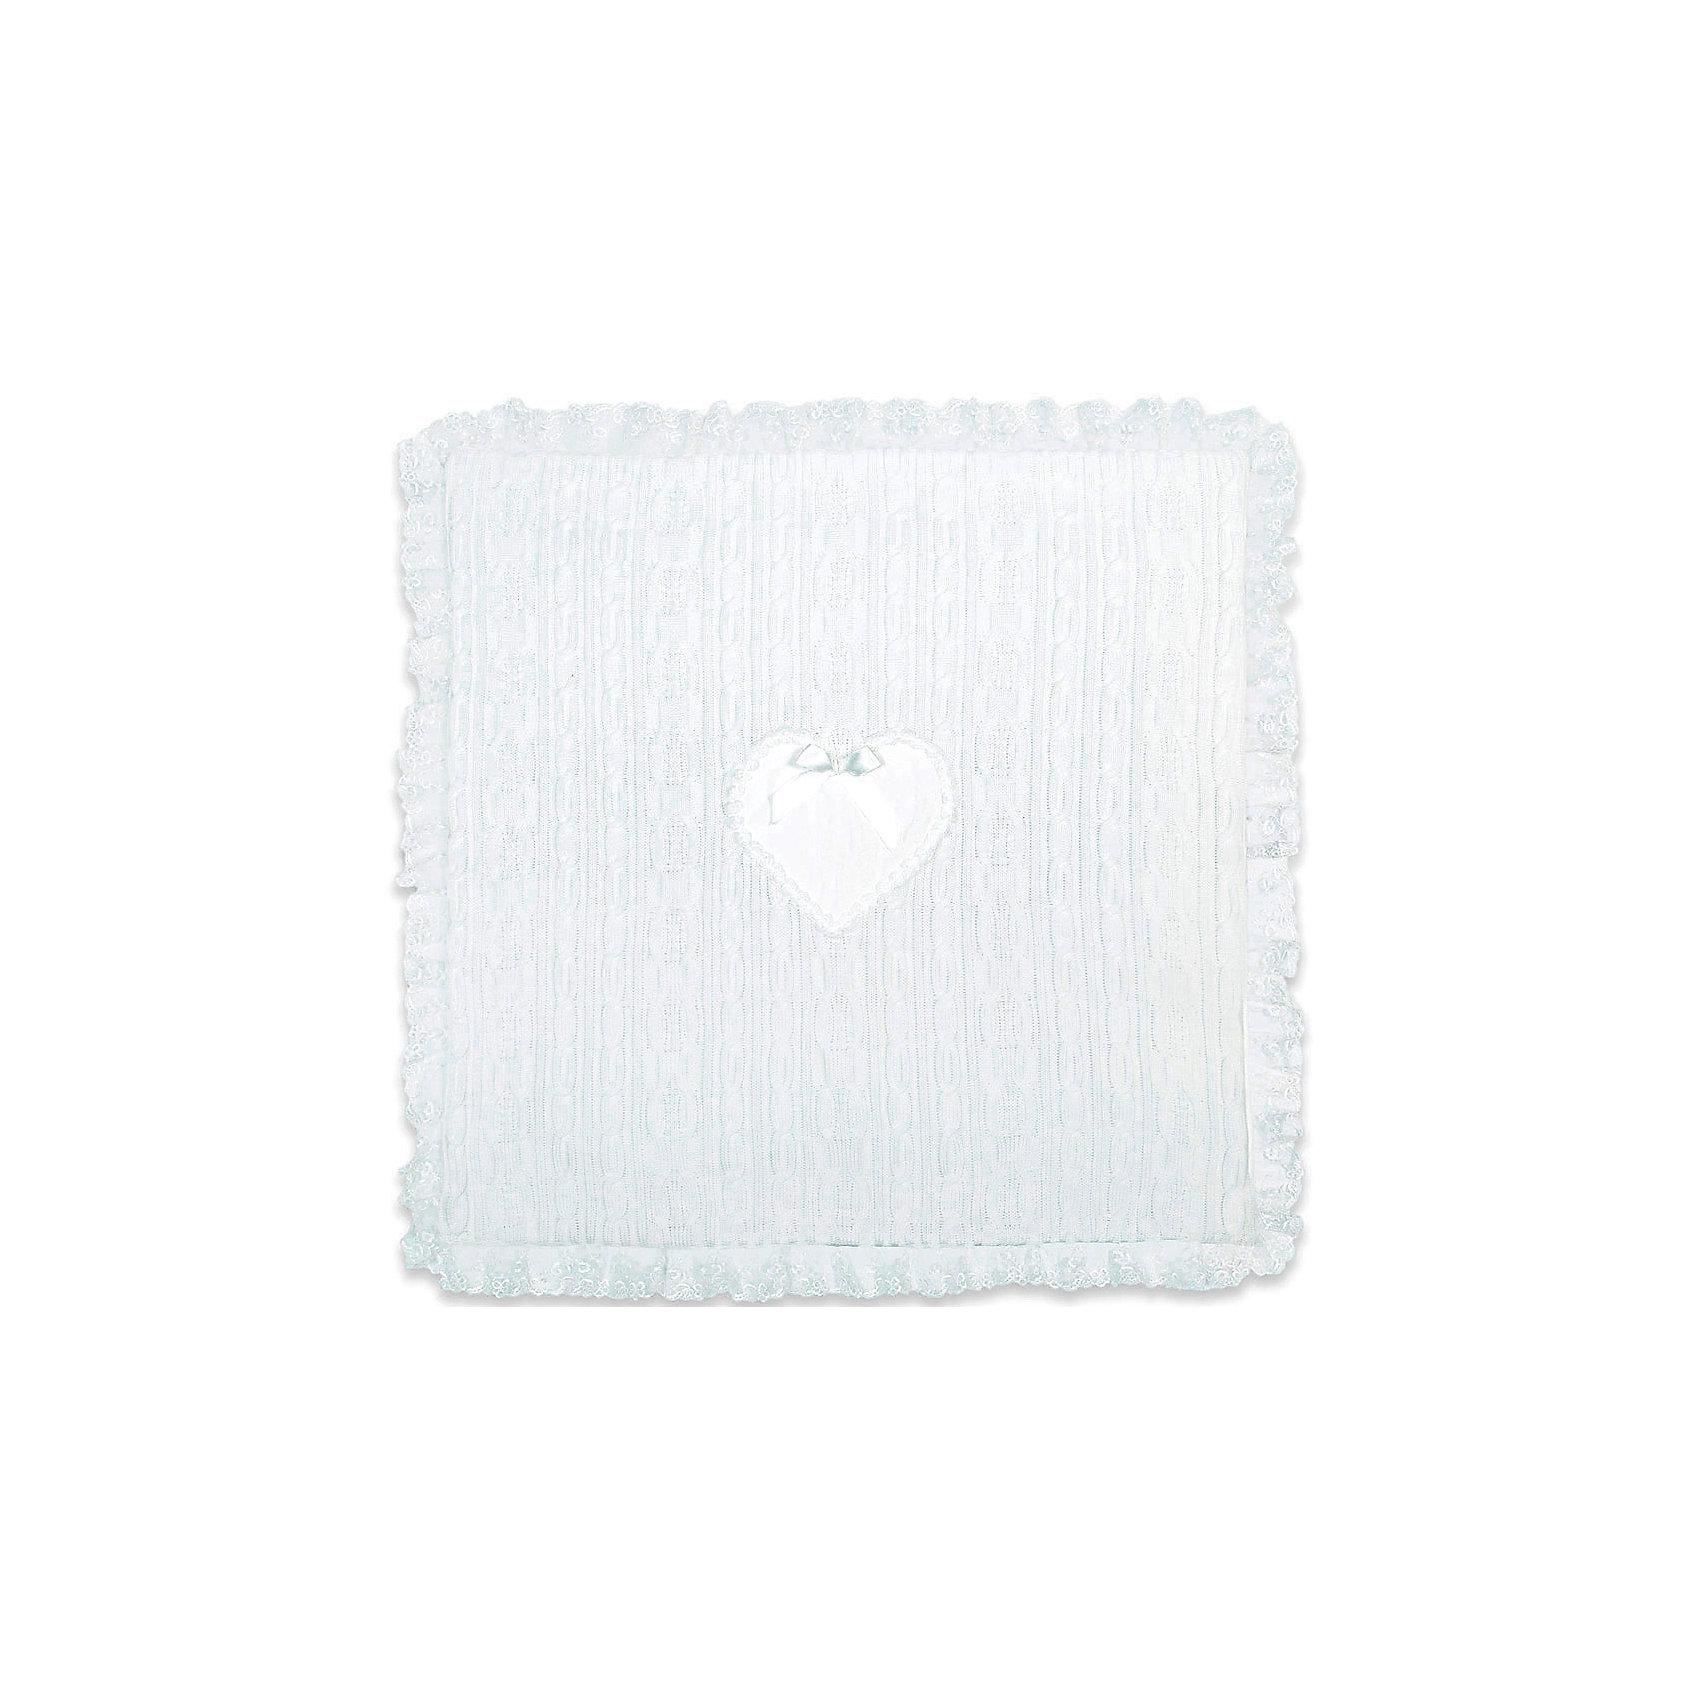 Одеяло-плед Сердечко Сонный гномикВязаный, теплый плед с помпончиками    Подкладка трикотаж 100% хлопок.<br>Утеплен синтепоном плотностью 100.<br>Украшен по краям  тесьмой и нежным сердечком. Размер 90*90<br><br><br>Одеяло-плед Сердечко Сонный гномик можно купить в нашем магазине.<br><br>Ширина мм: 410<br>Глубина мм: 70<br>Высота мм: 350<br>Вес г: 600<br>Возраст от месяцев: 0<br>Возраст до месяцев: 36<br>Пол: Женский<br>Возраст: Детский<br>SKU: 4122123